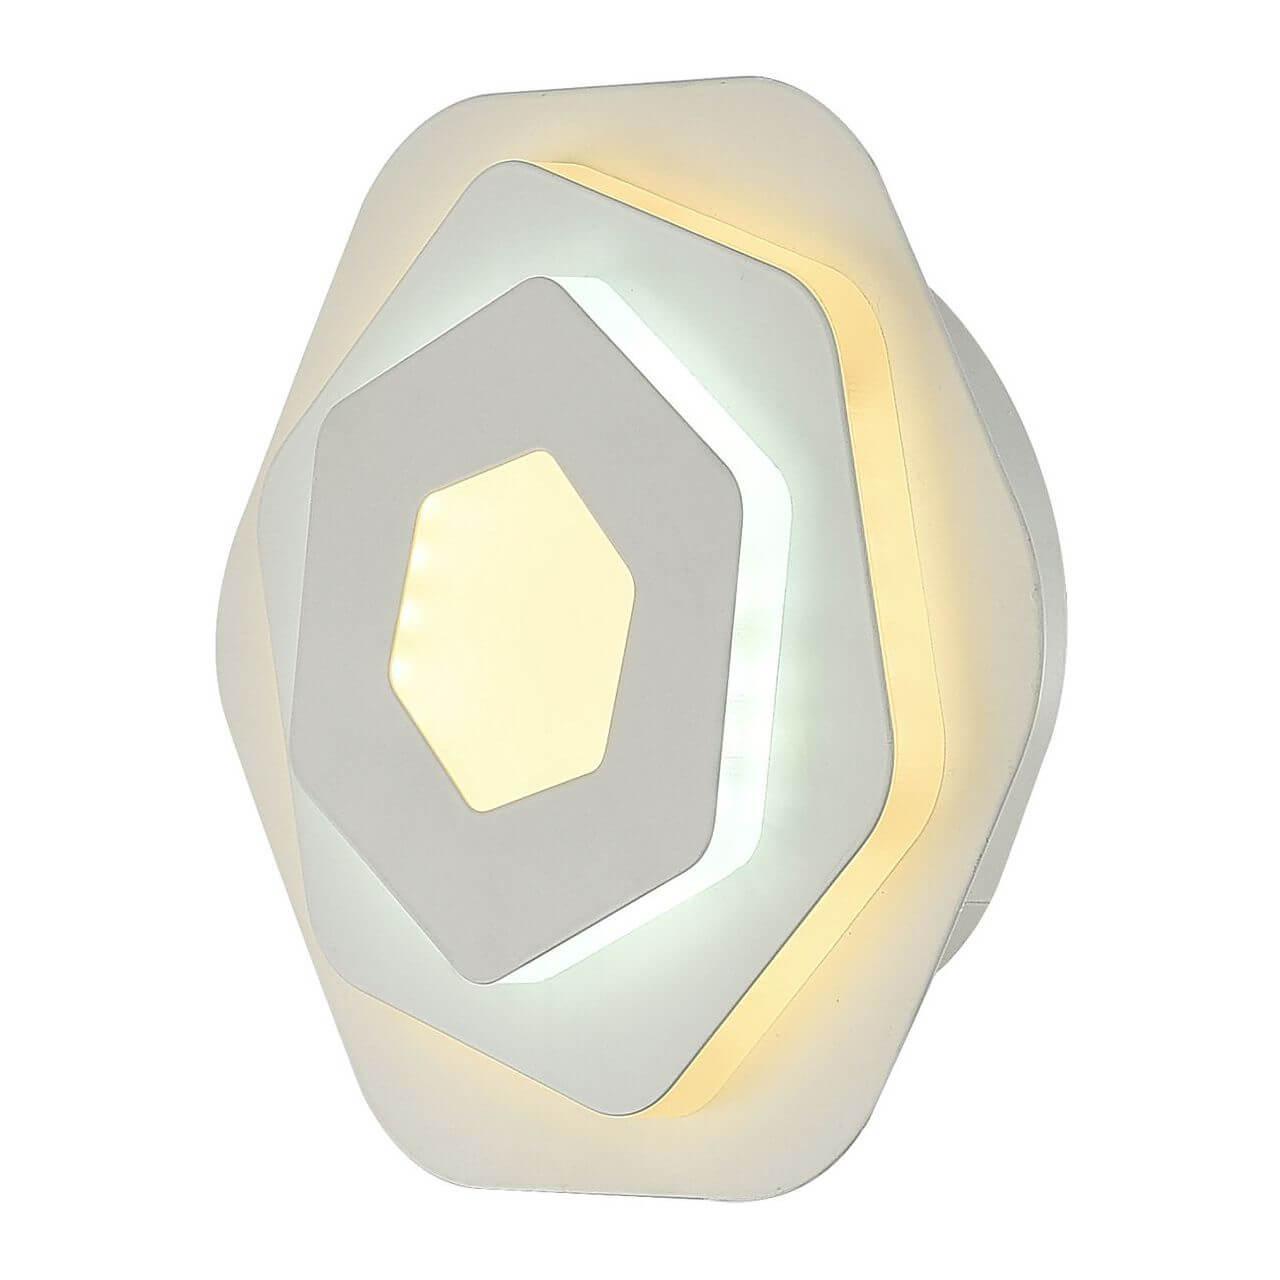 Настенный светодиодный светильник F-Promo Ledolution 2289-1W